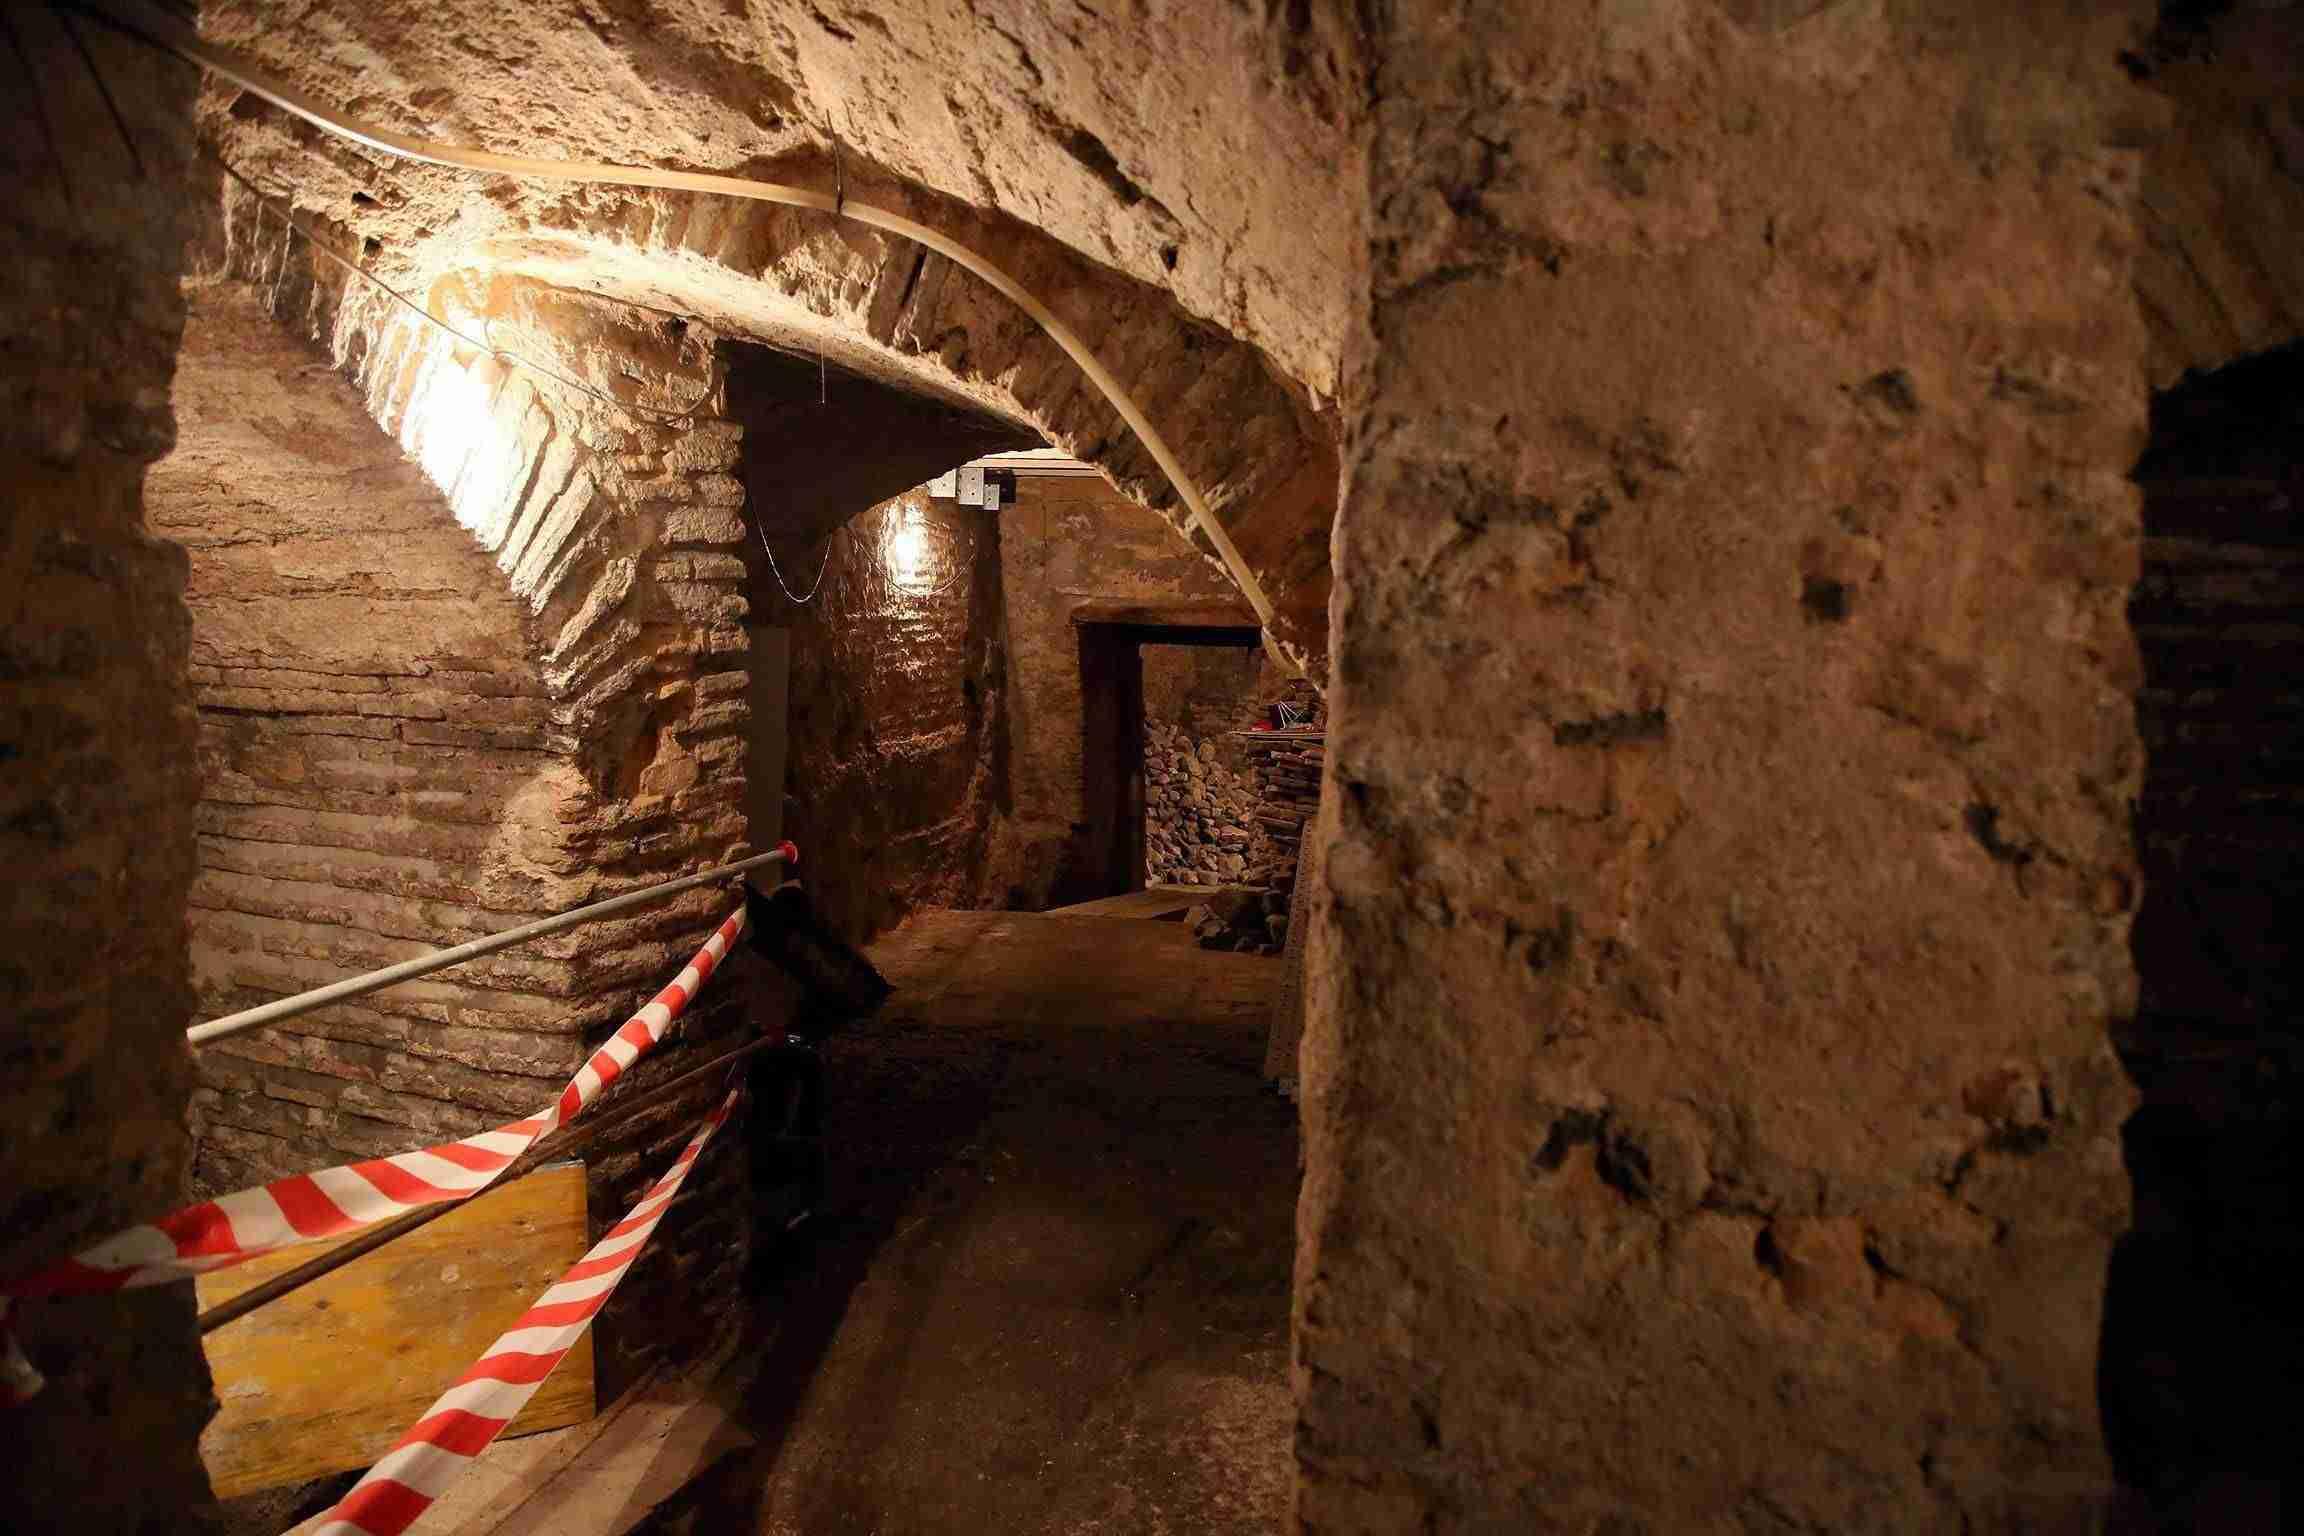 La galería romana de Amador de los Ríos abre sus puertas al público por primera vez este viernes por el 30 Aniversario 8